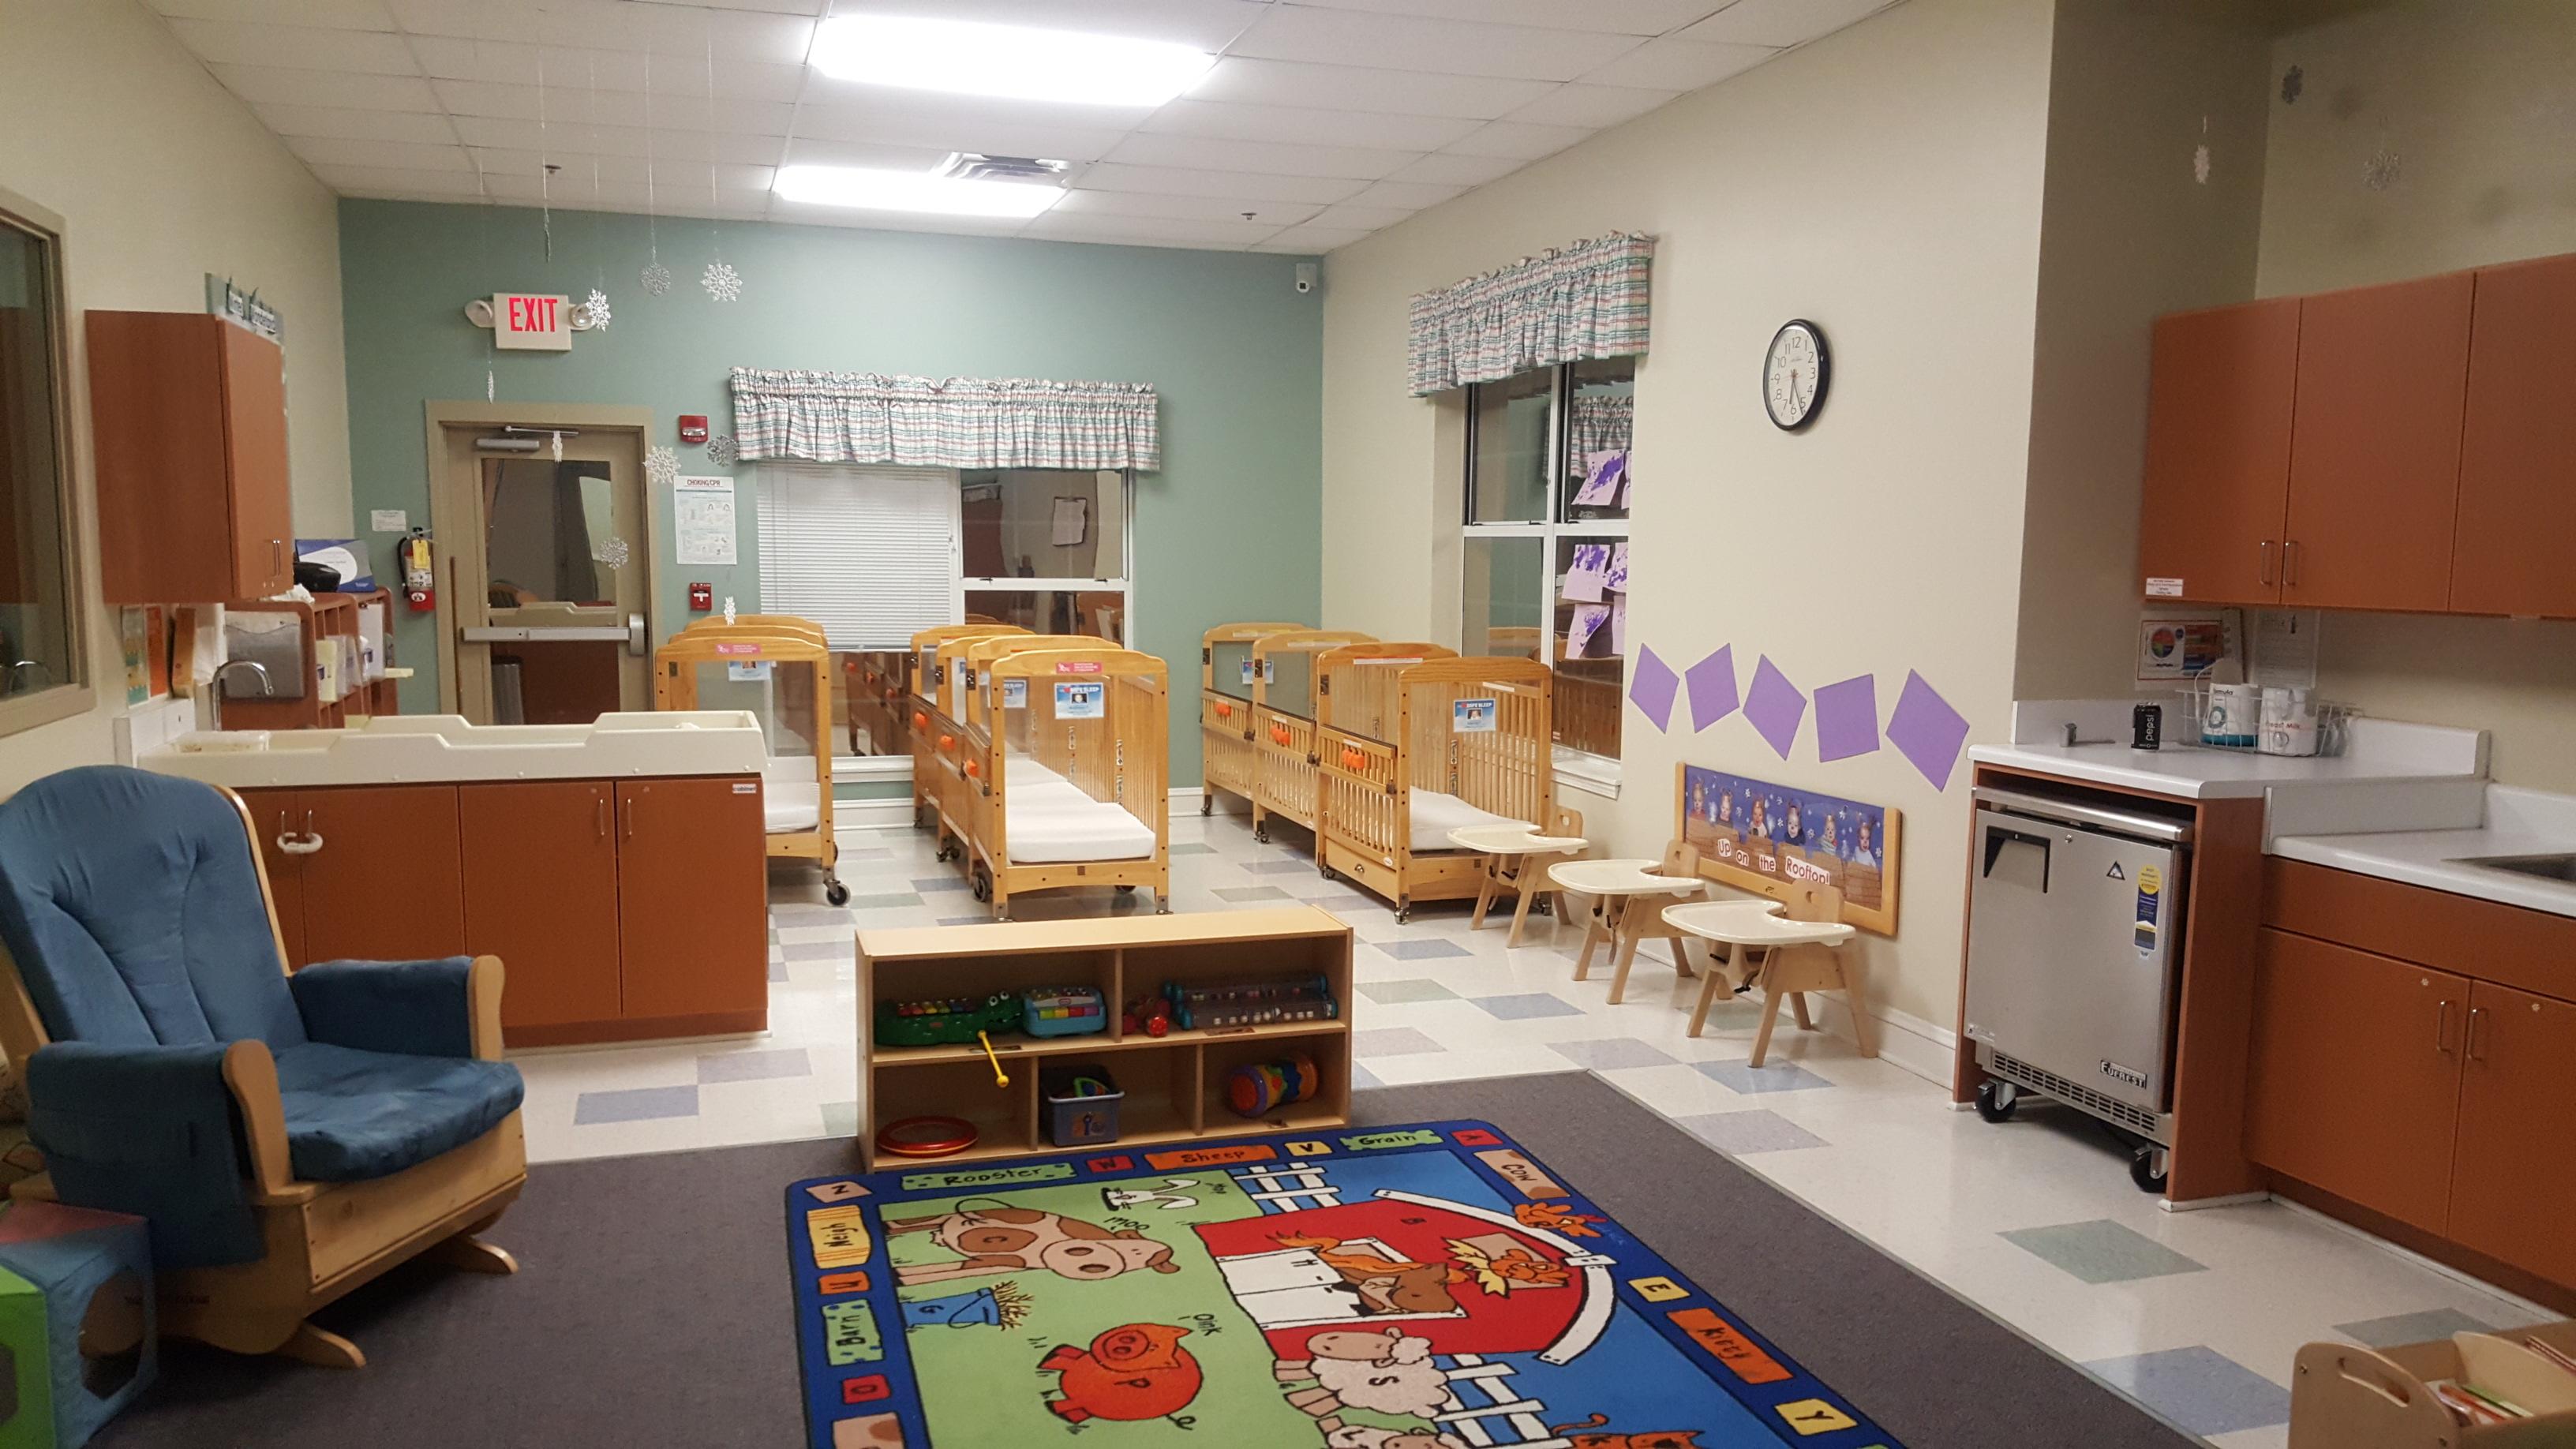 Woodbury Knowledge Beginnings image 3